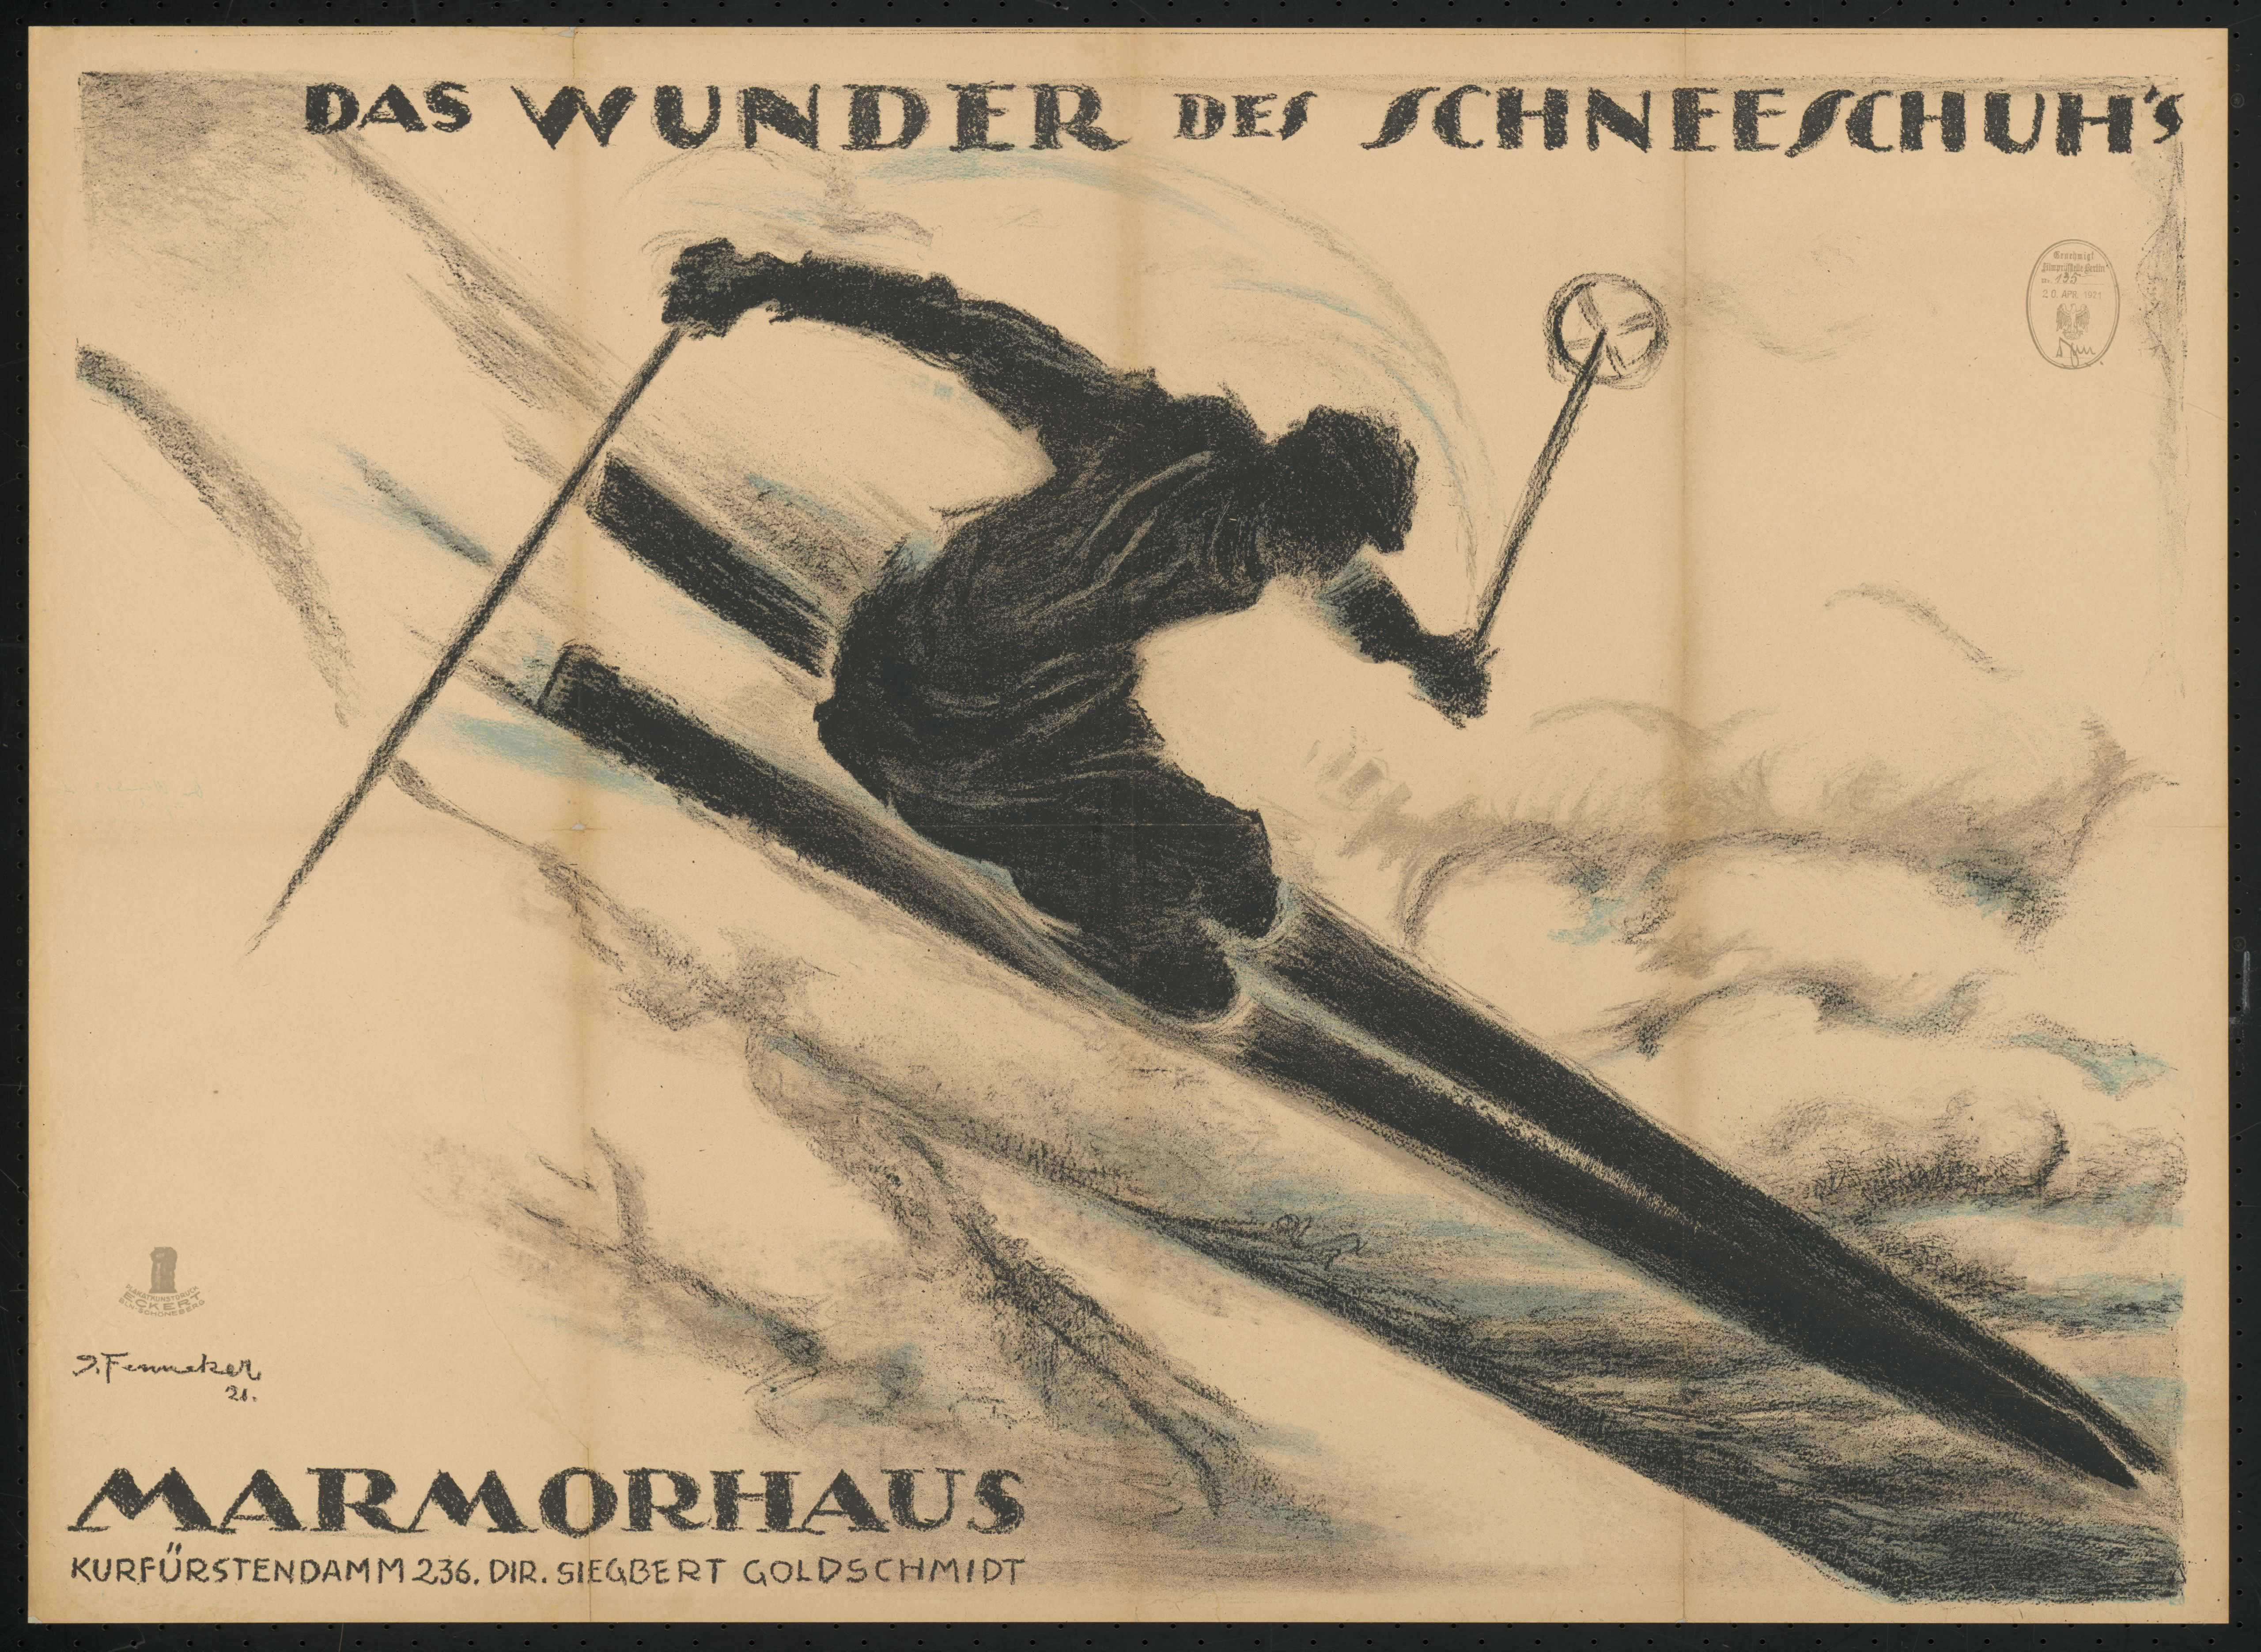 Plakat zu dem Film Das Wunder des Schneeschuhs, 1. Teil, Deutschland 1919, Regie: Arnold Fanck, von Plakatkünstler Josef Fenneker